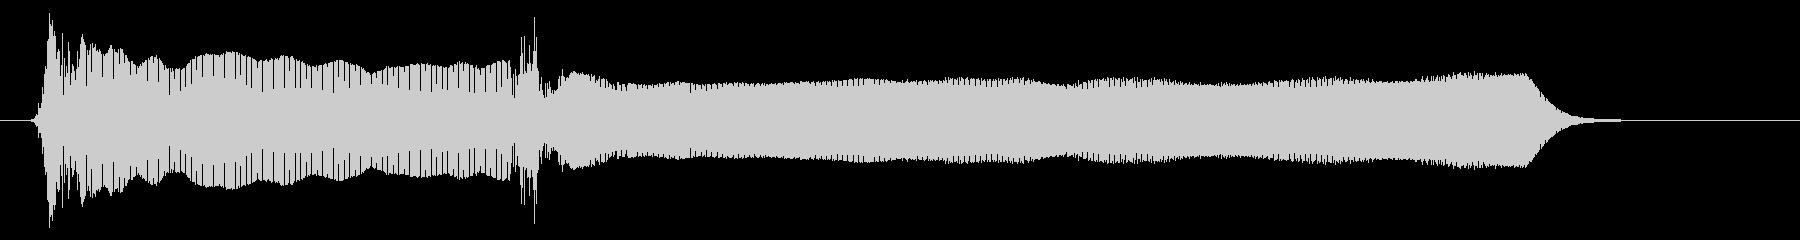 法螺貝01-6の未再生の波形